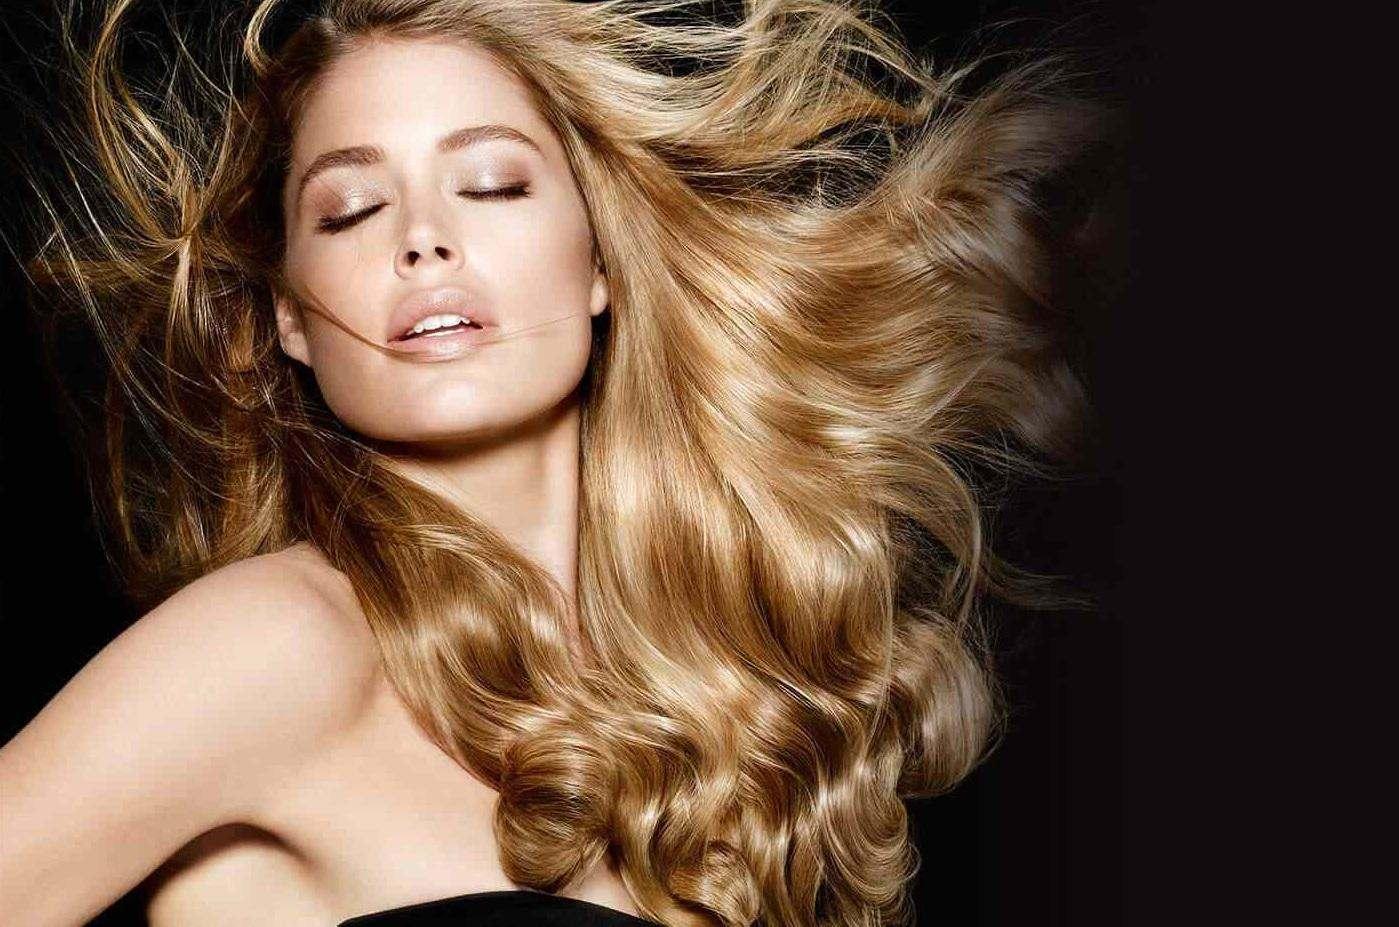 Як правильно використовувати олійку для волосся?